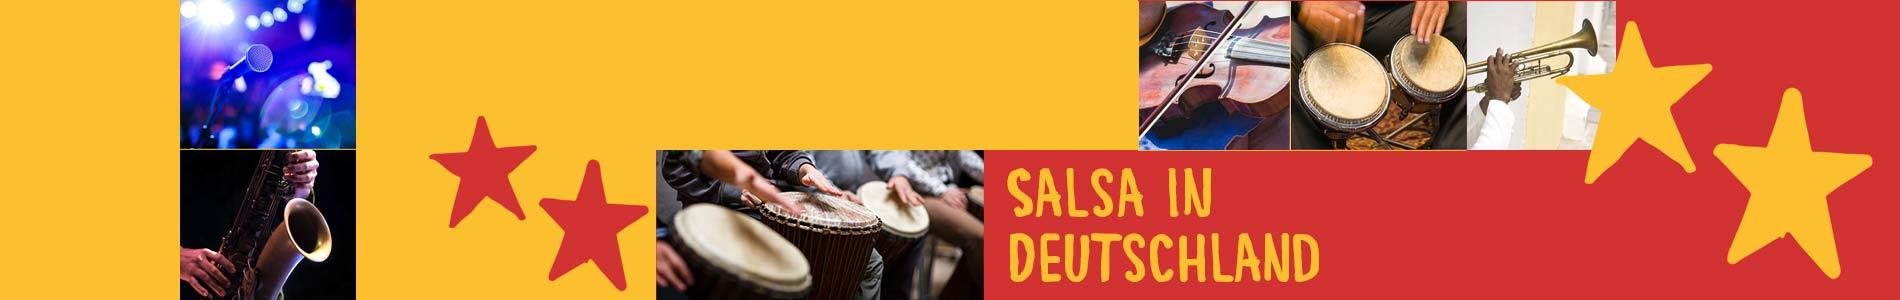 Salsa in Buxheim – Salsa lernen und tanzen, Tanzkurse, Partys, Veranstaltungen